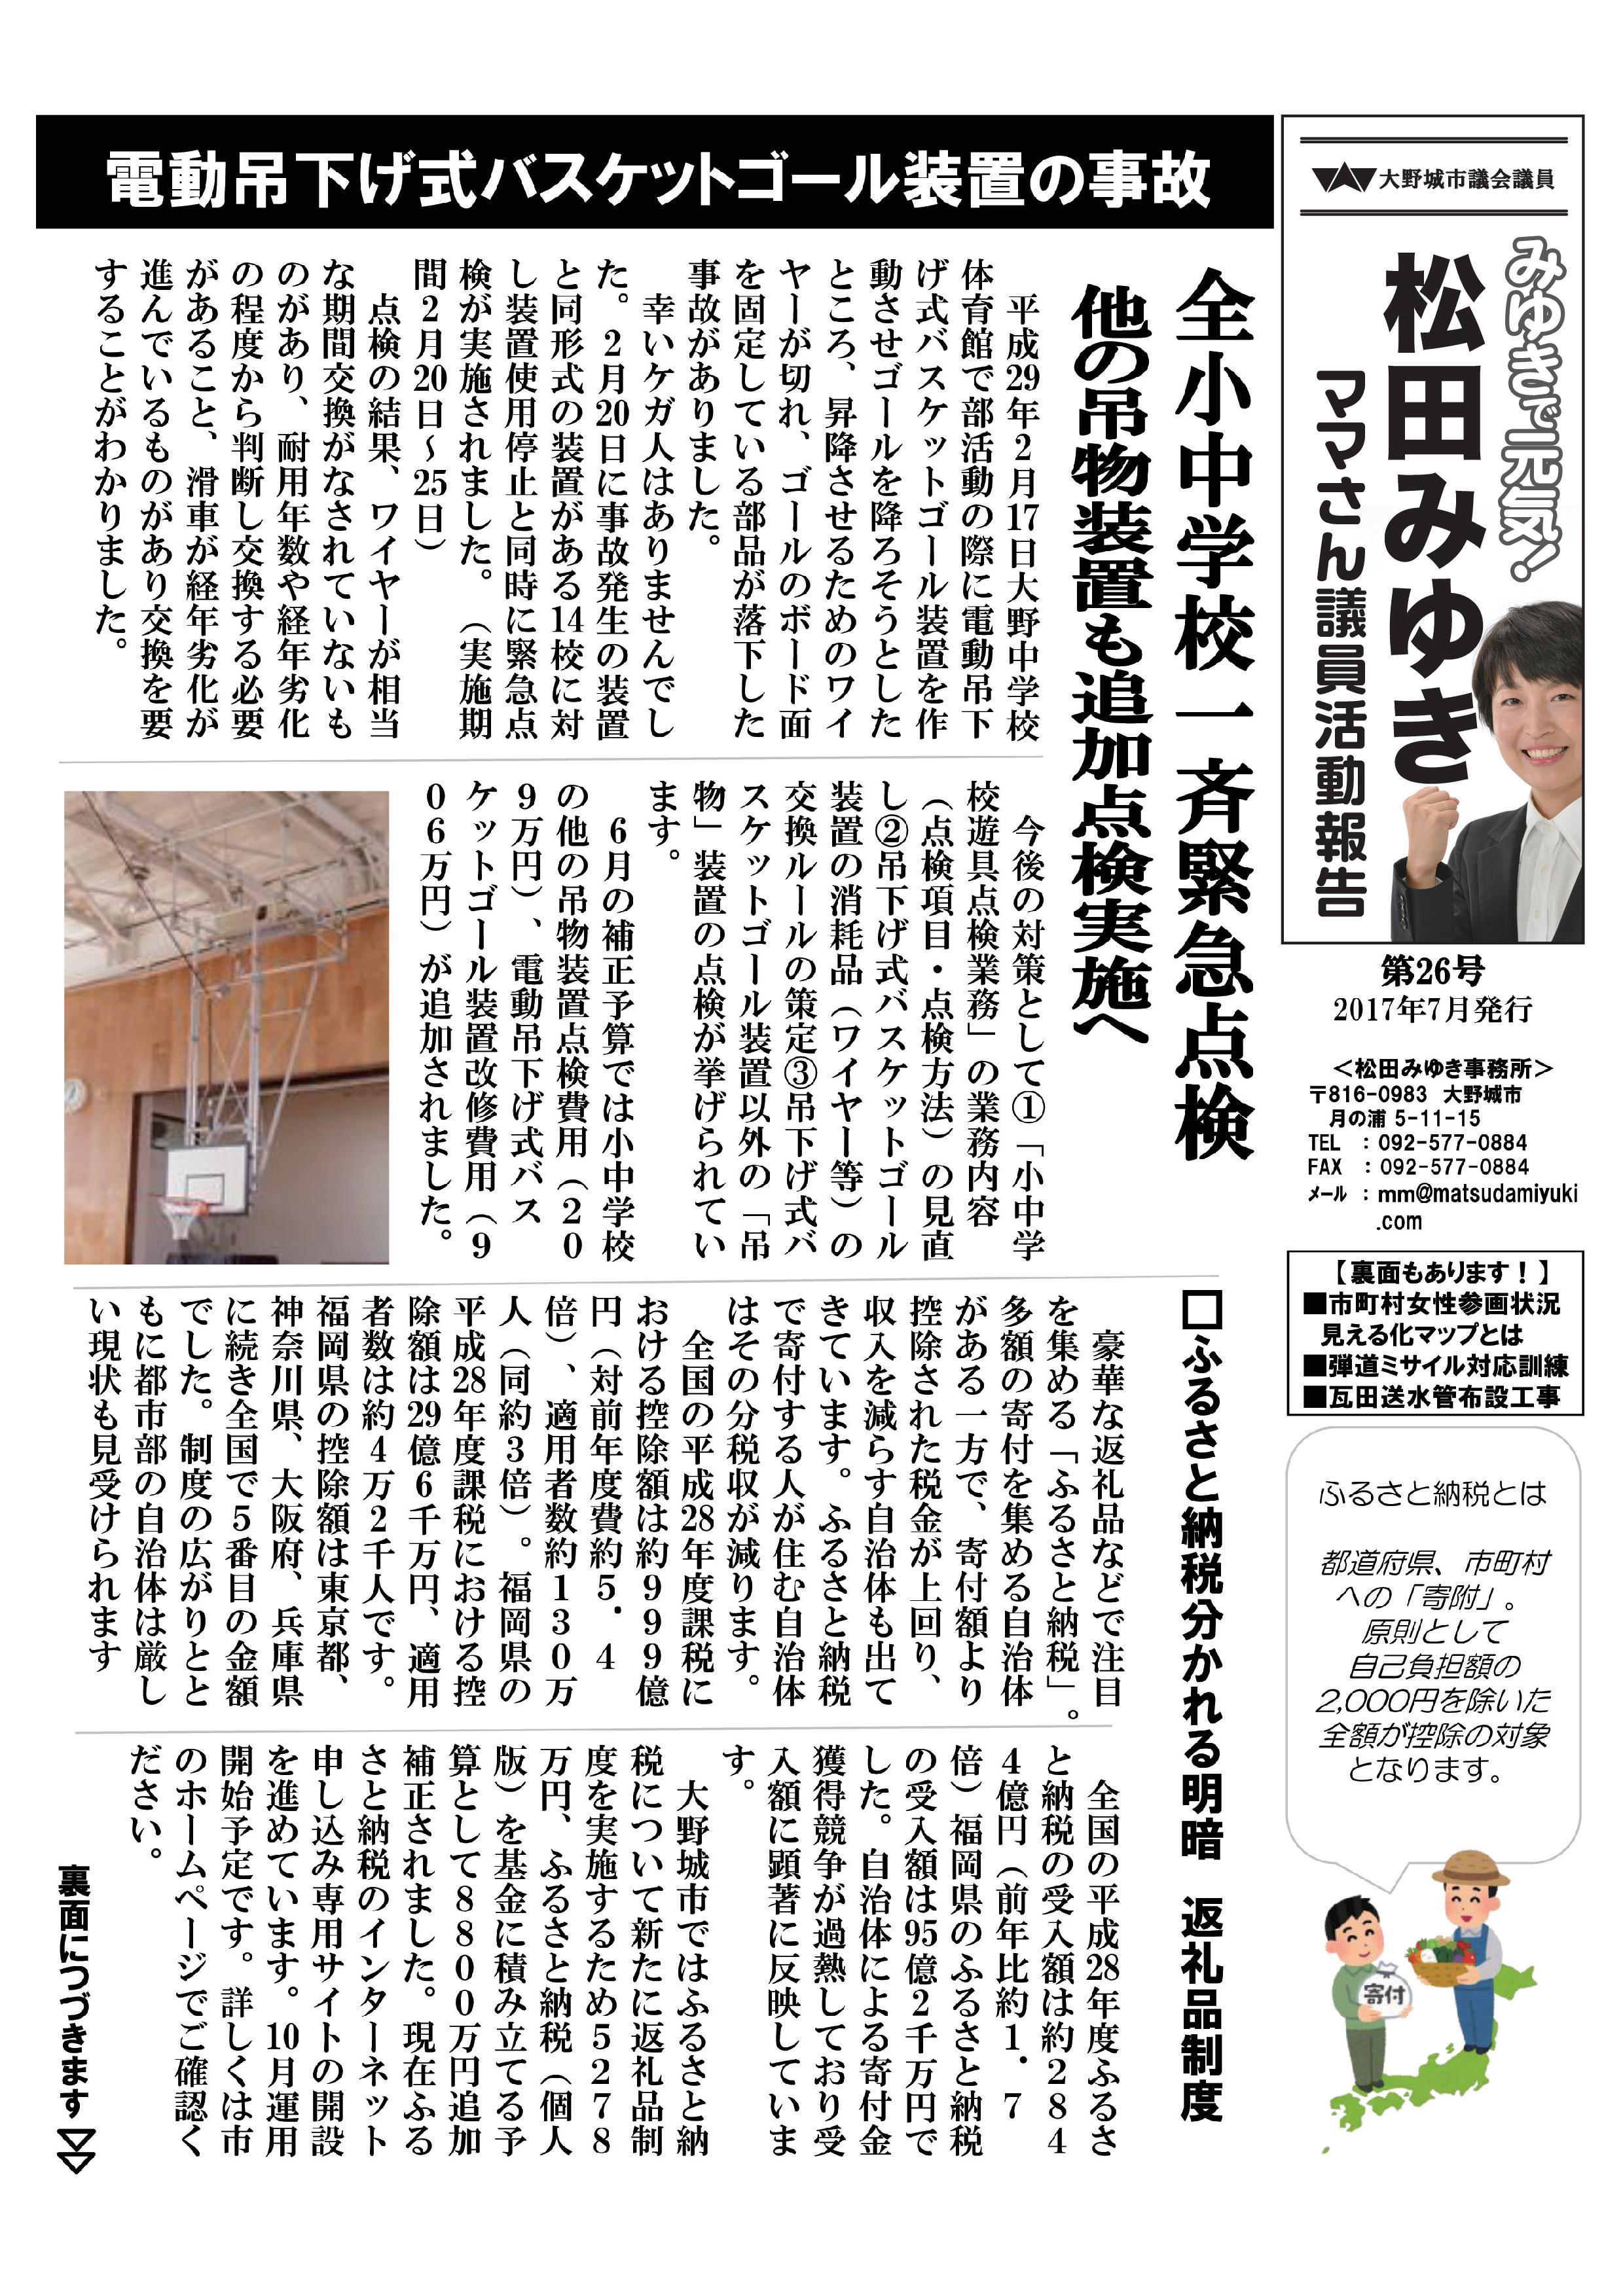 大野城市議会議員 松田みゆき 市政報告 第26号 01